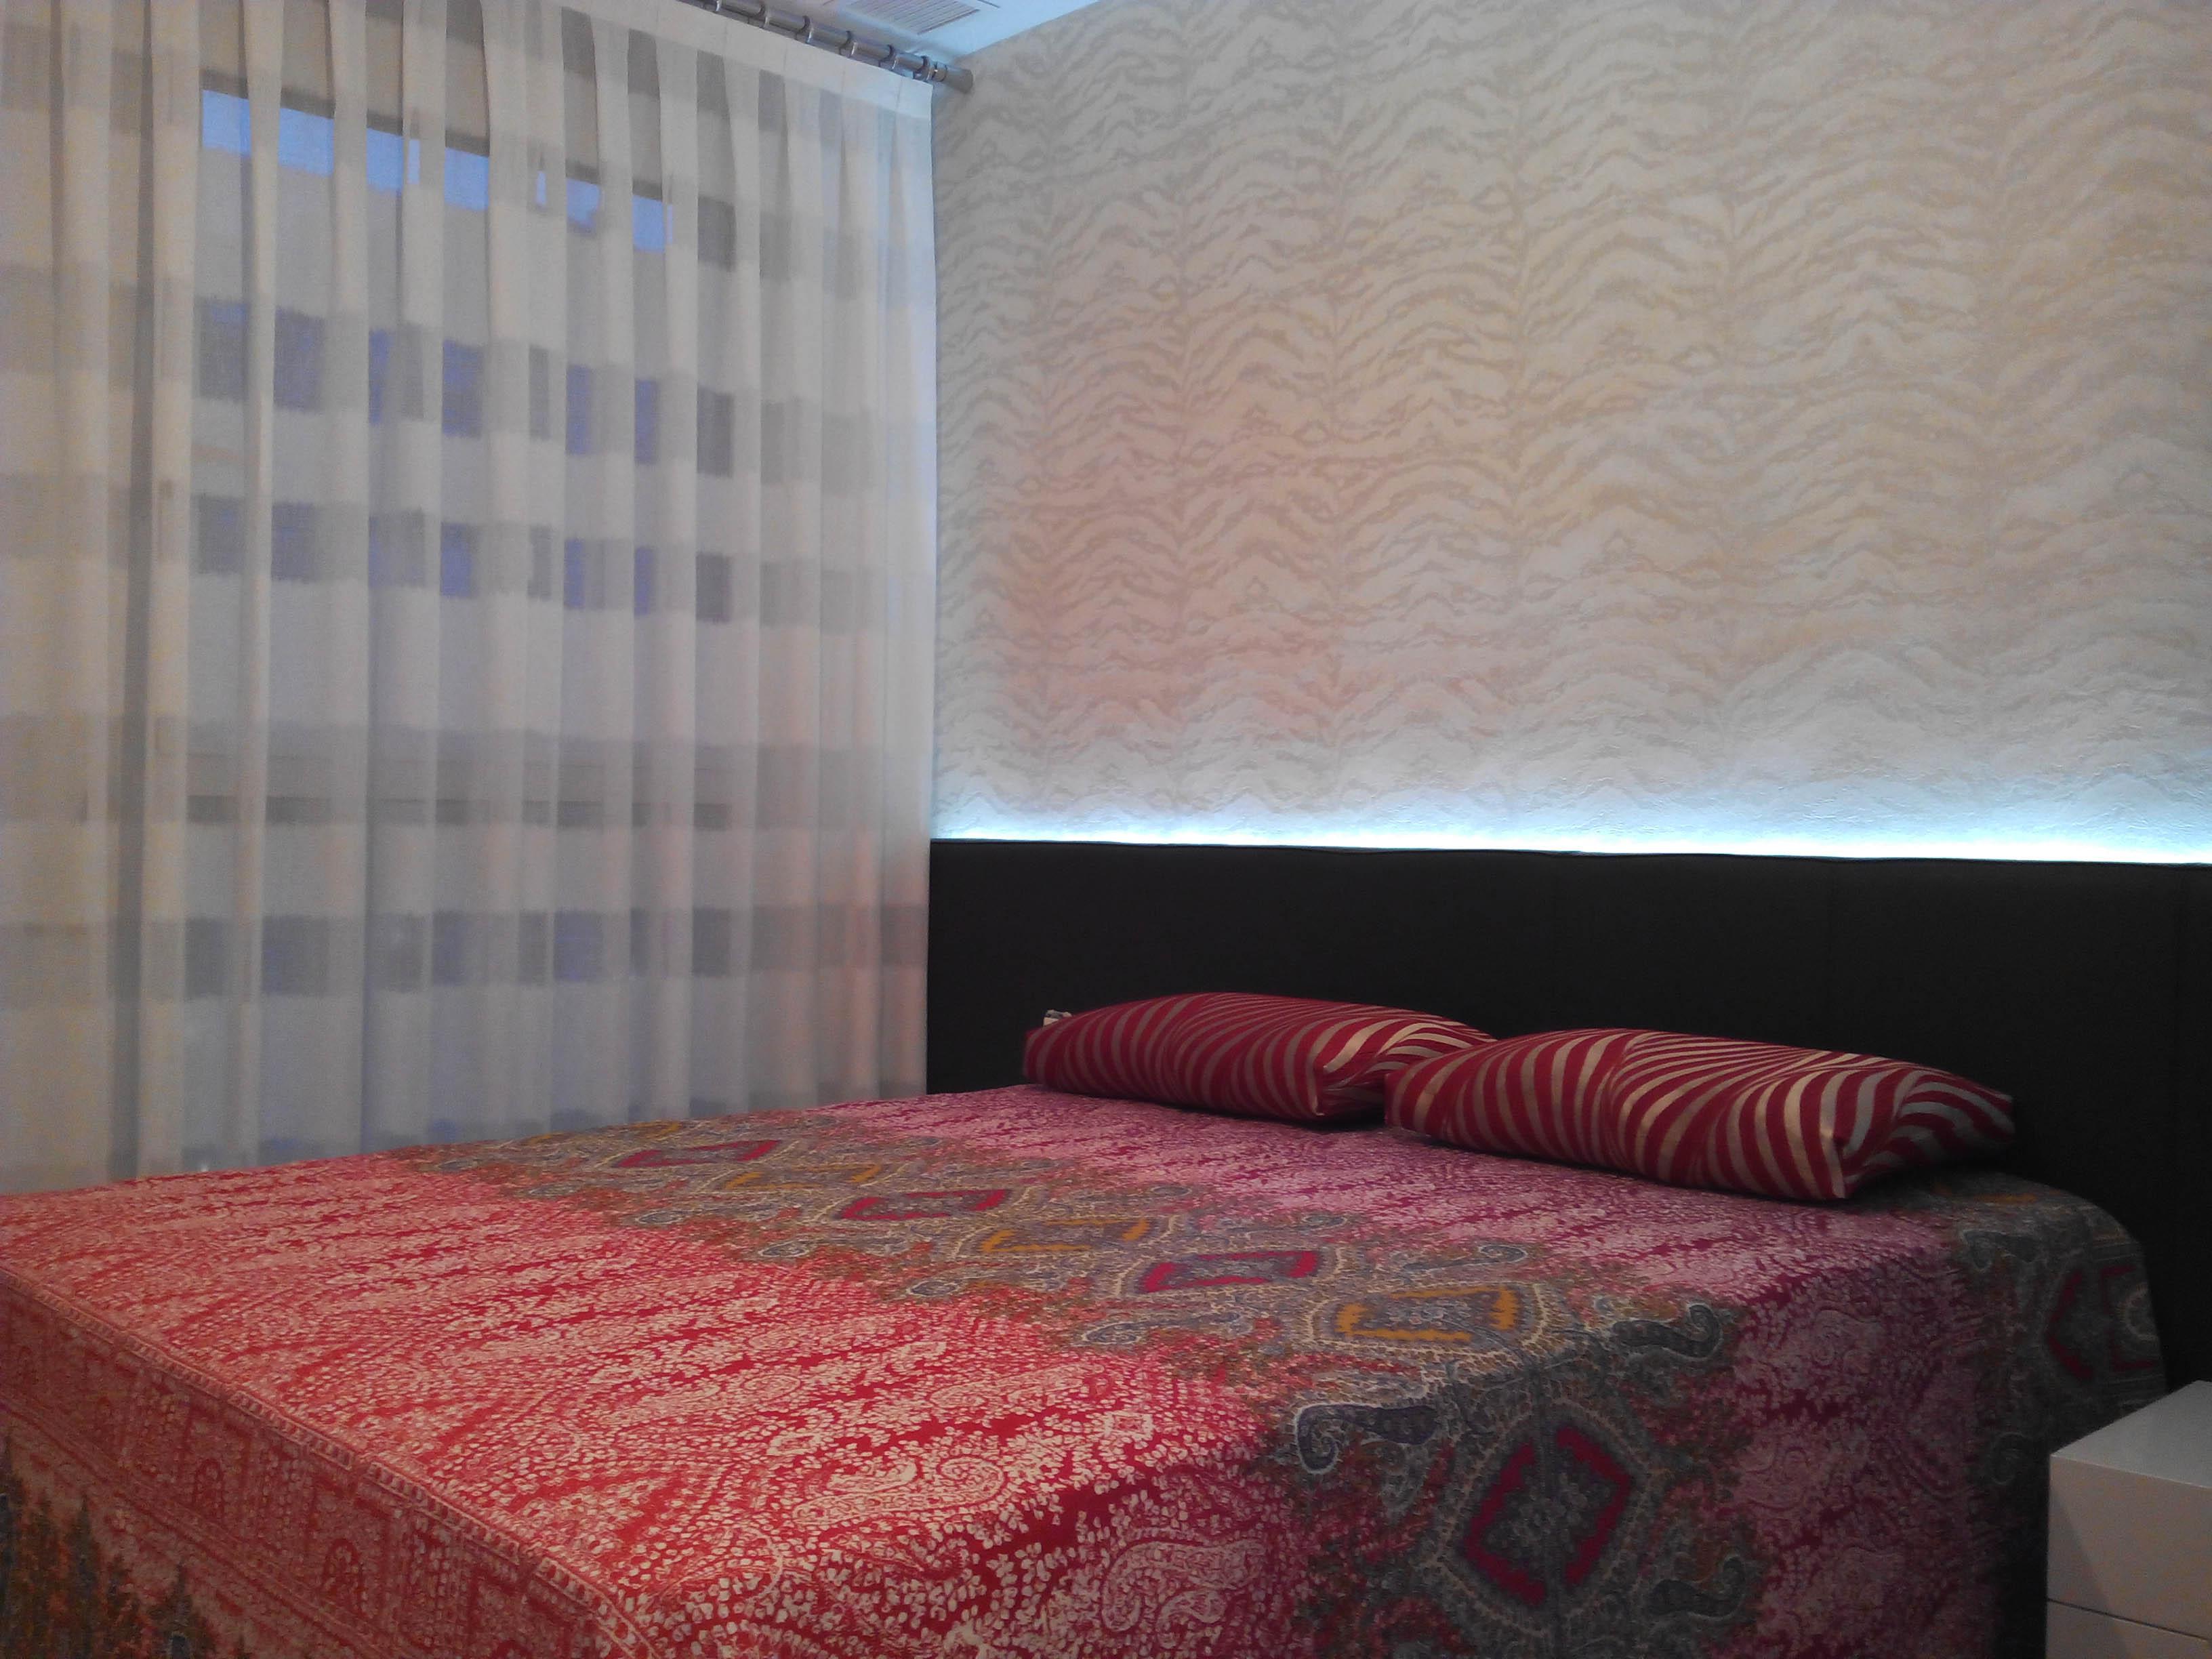 cortinas a rayas horizontales y papel pintado roberto cavalli villalba interiorismo nuestros trabajos clientes contentos pinterest - Papel Pintado Rayas Horizontales